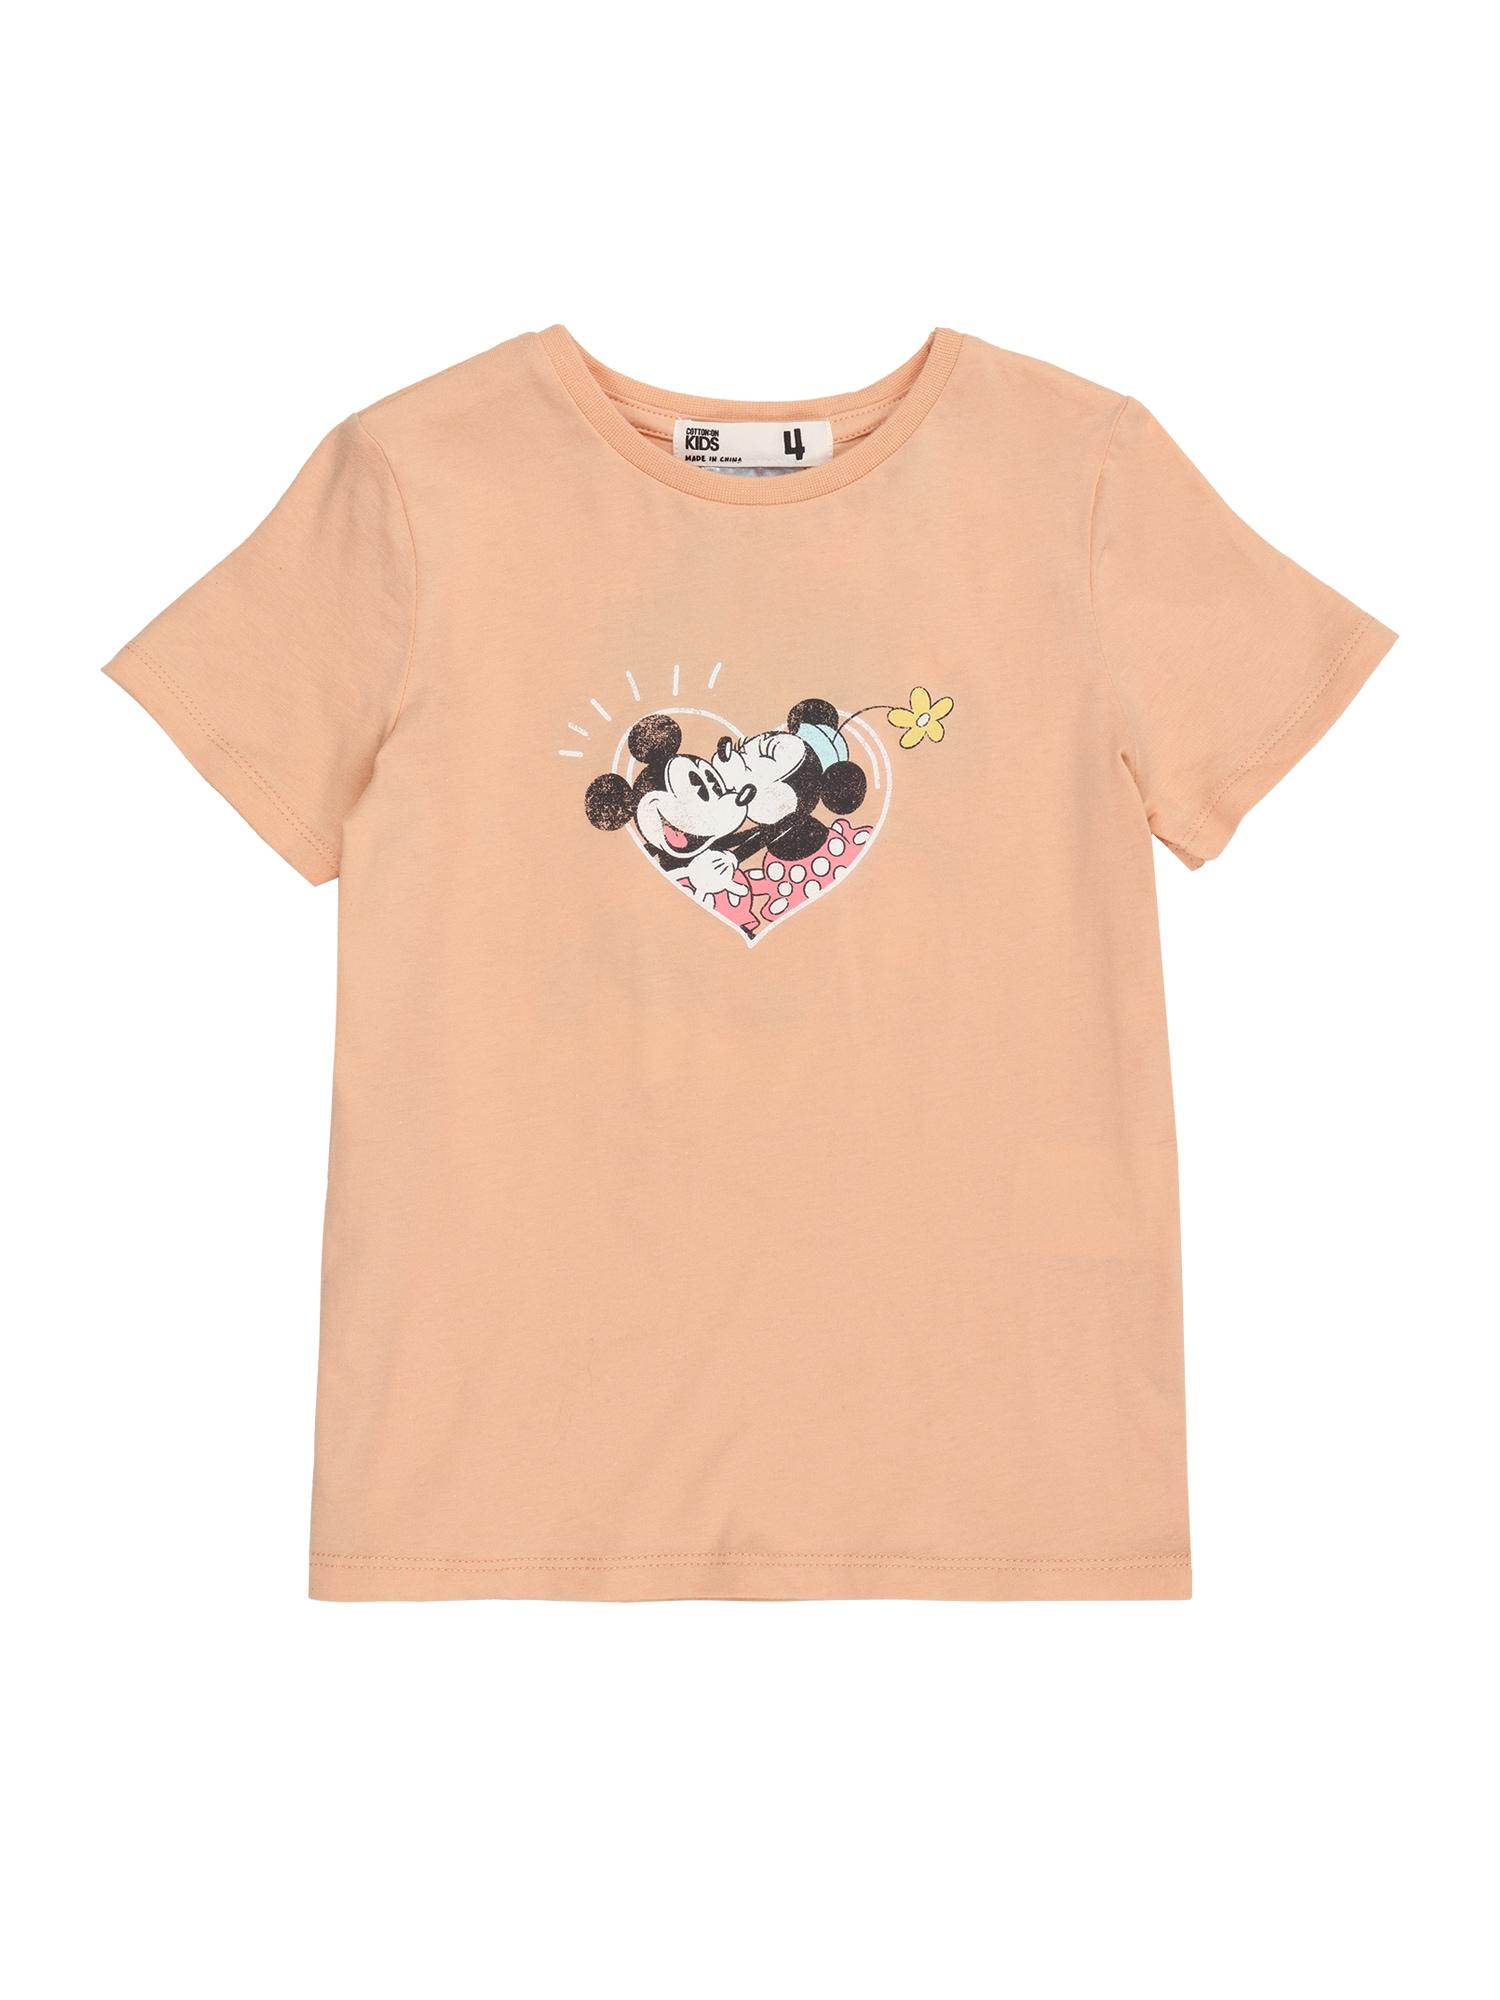 Cotton On Marškinėliai 'DISNEY' mišrios spalvos / lašišų spalva